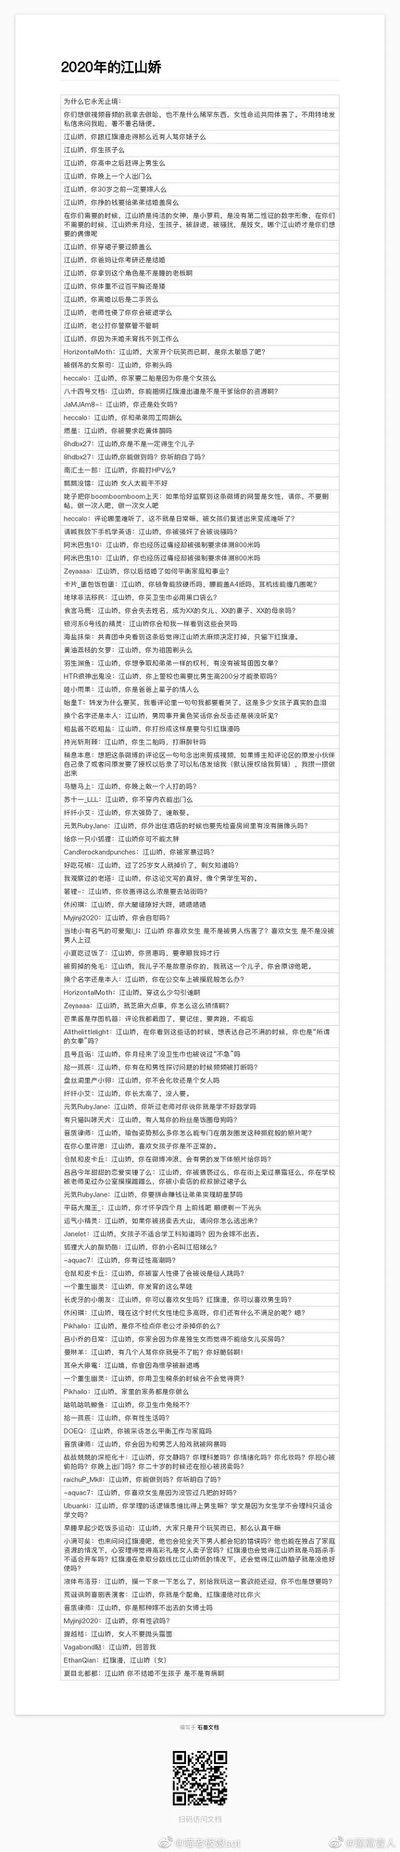 中共青年團推出的擬人化偶像姓名「江山嬌」,一上線遭到逾十萬網友質問。(網絡圖片)